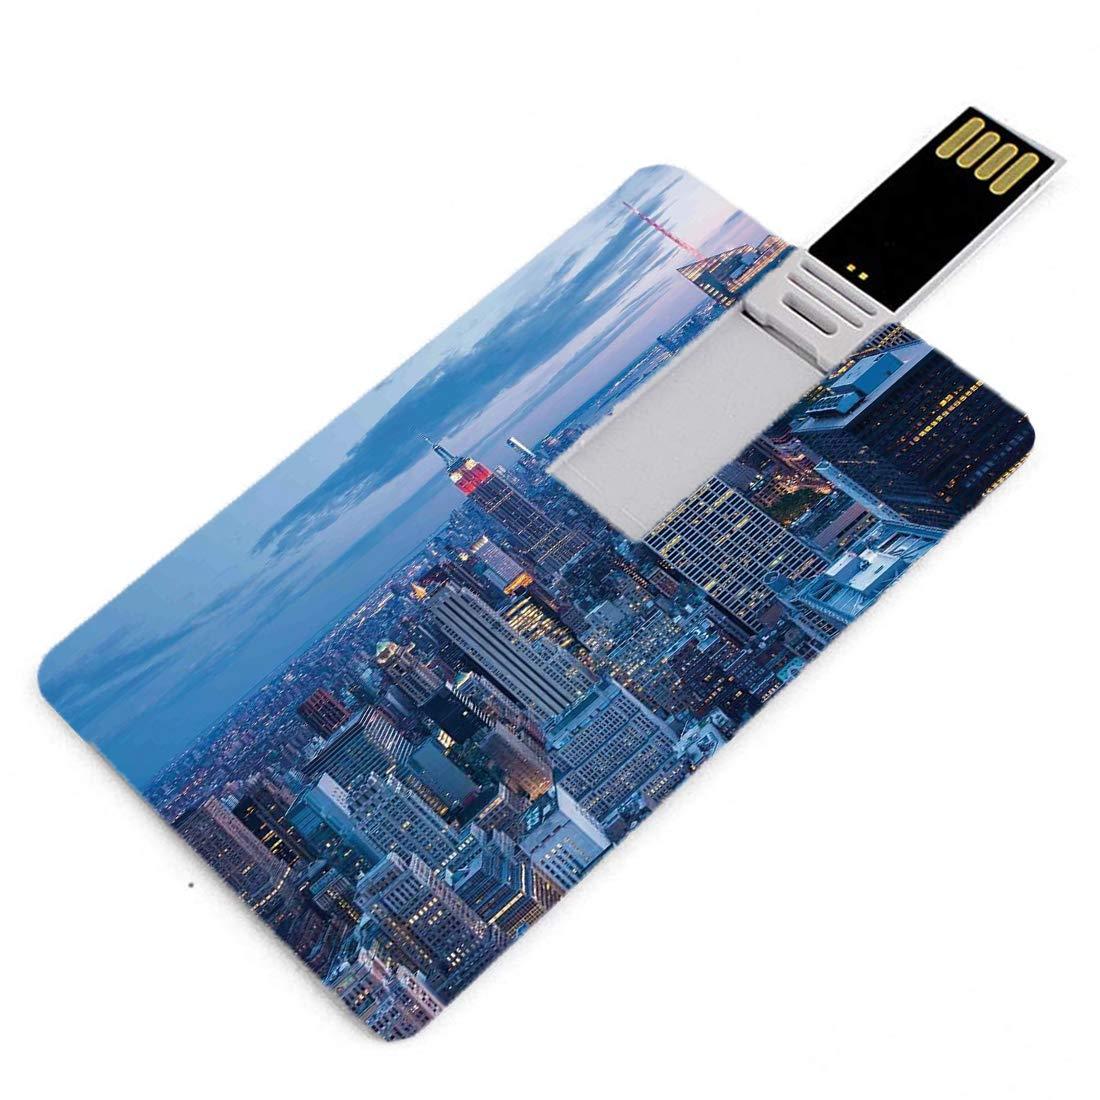 64GB Forma de tarjeta de crédito de unidades flash USB Nueva York ...